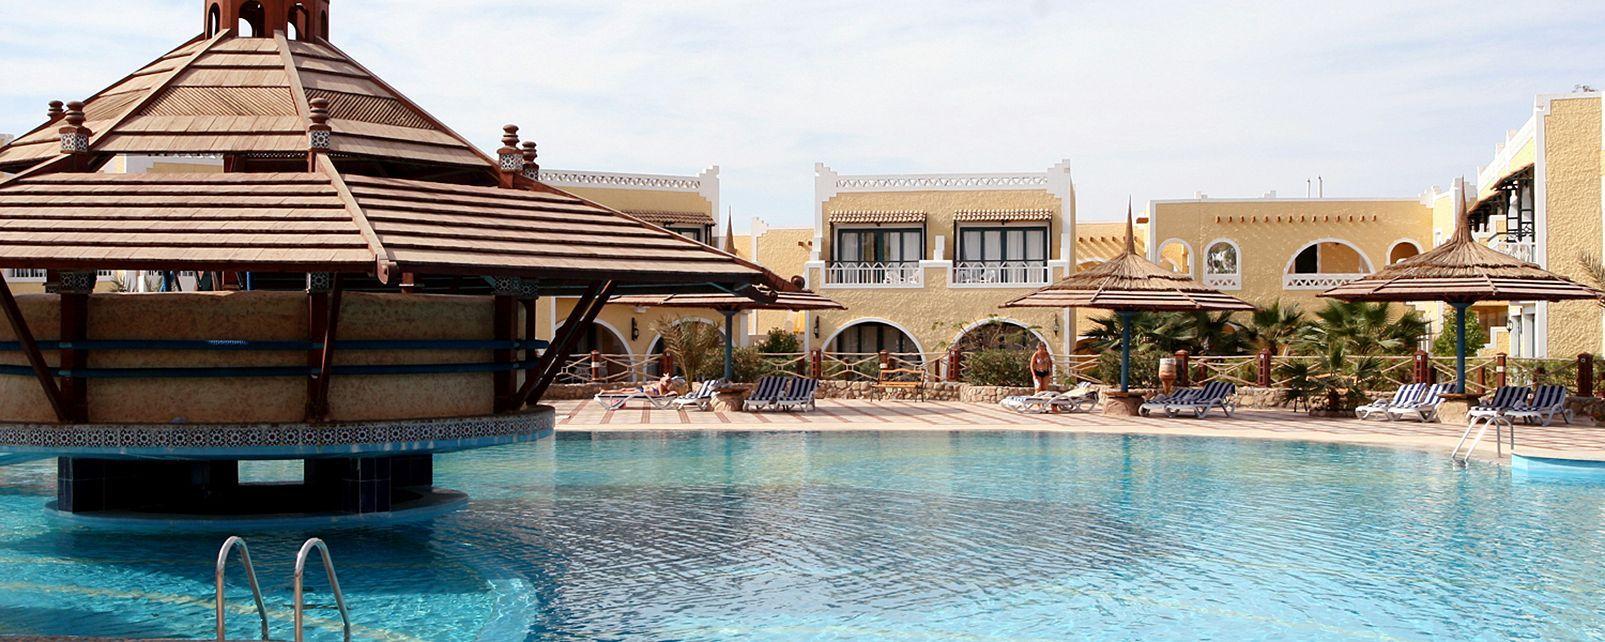 Faraana Reef Resort Hotel Sharm